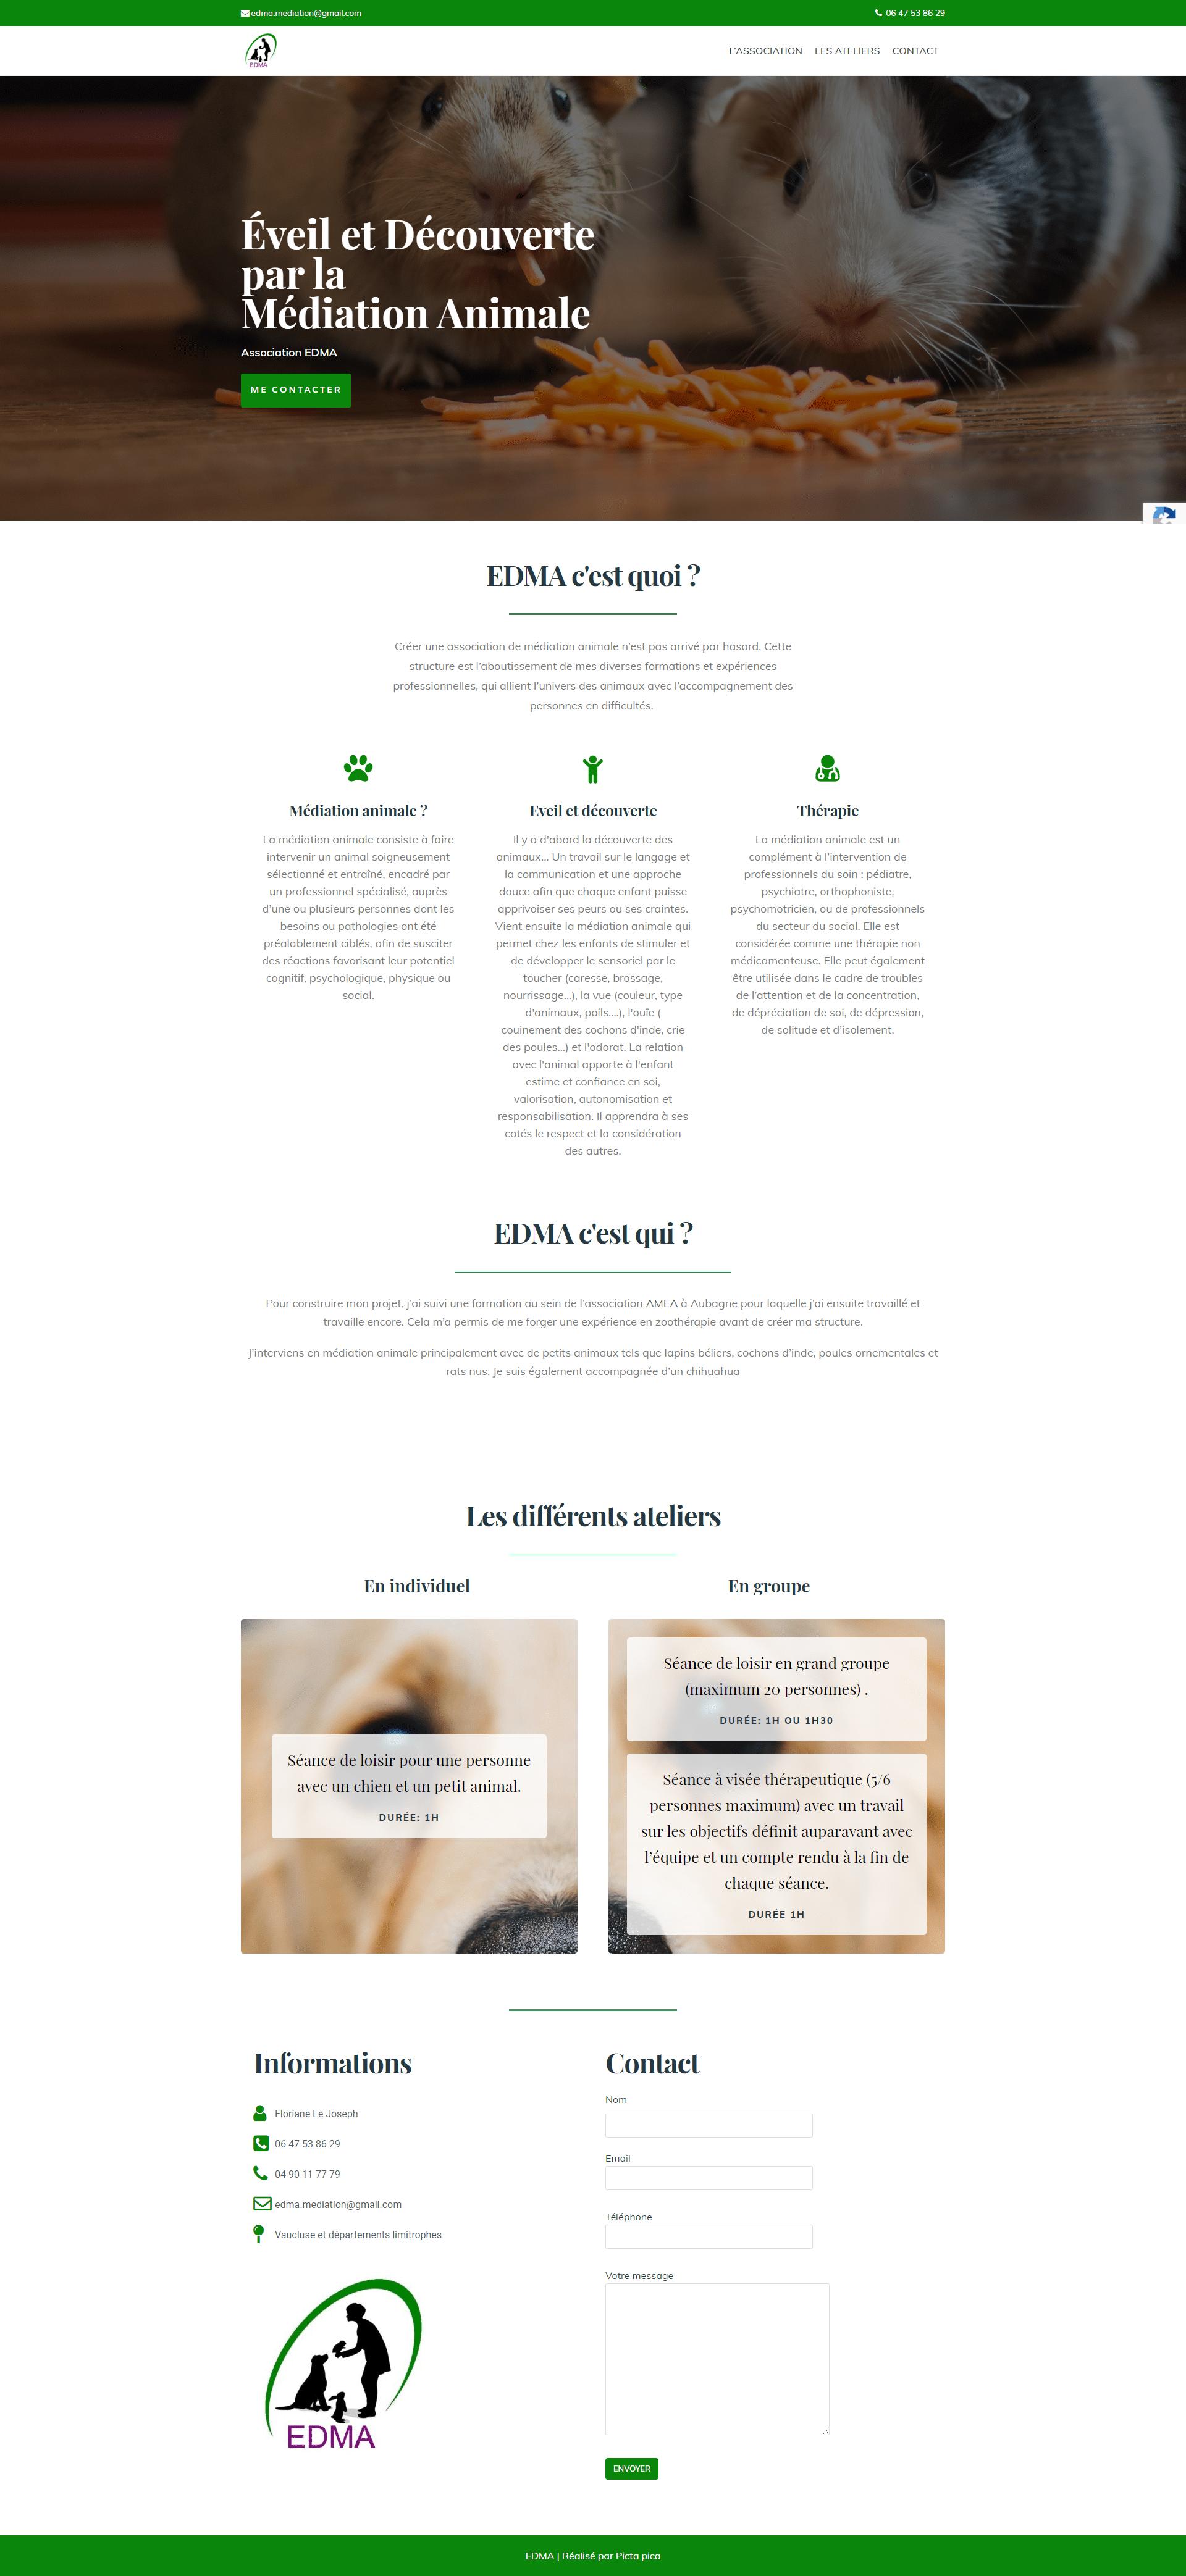 Home - EDMA - Eveil et Découverte par la Médiation Animale_ - edma-mediationanimale.fr